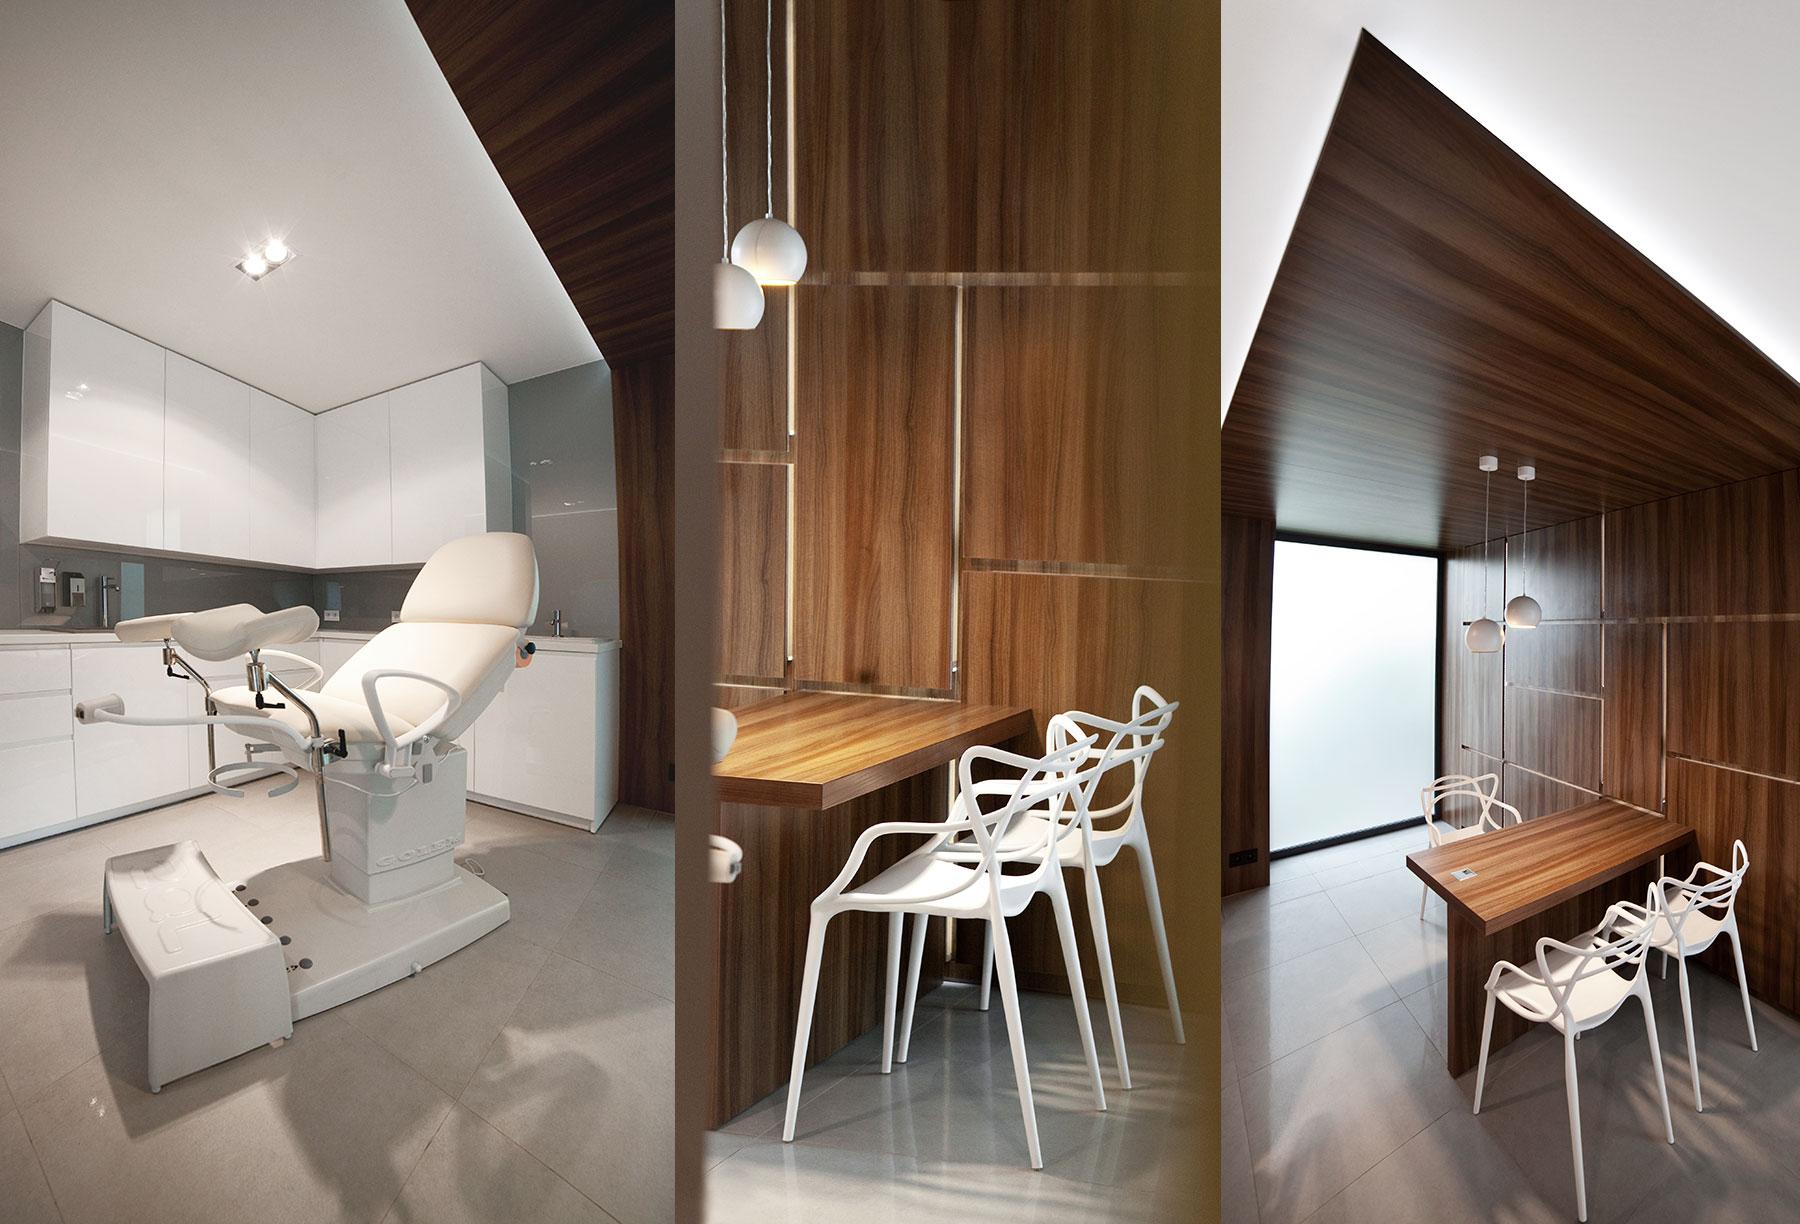 09-mono-architekt-wnetrz-katowice-krakow-tychy-mikolow-projekt-nowoczesny gabinet lekarski